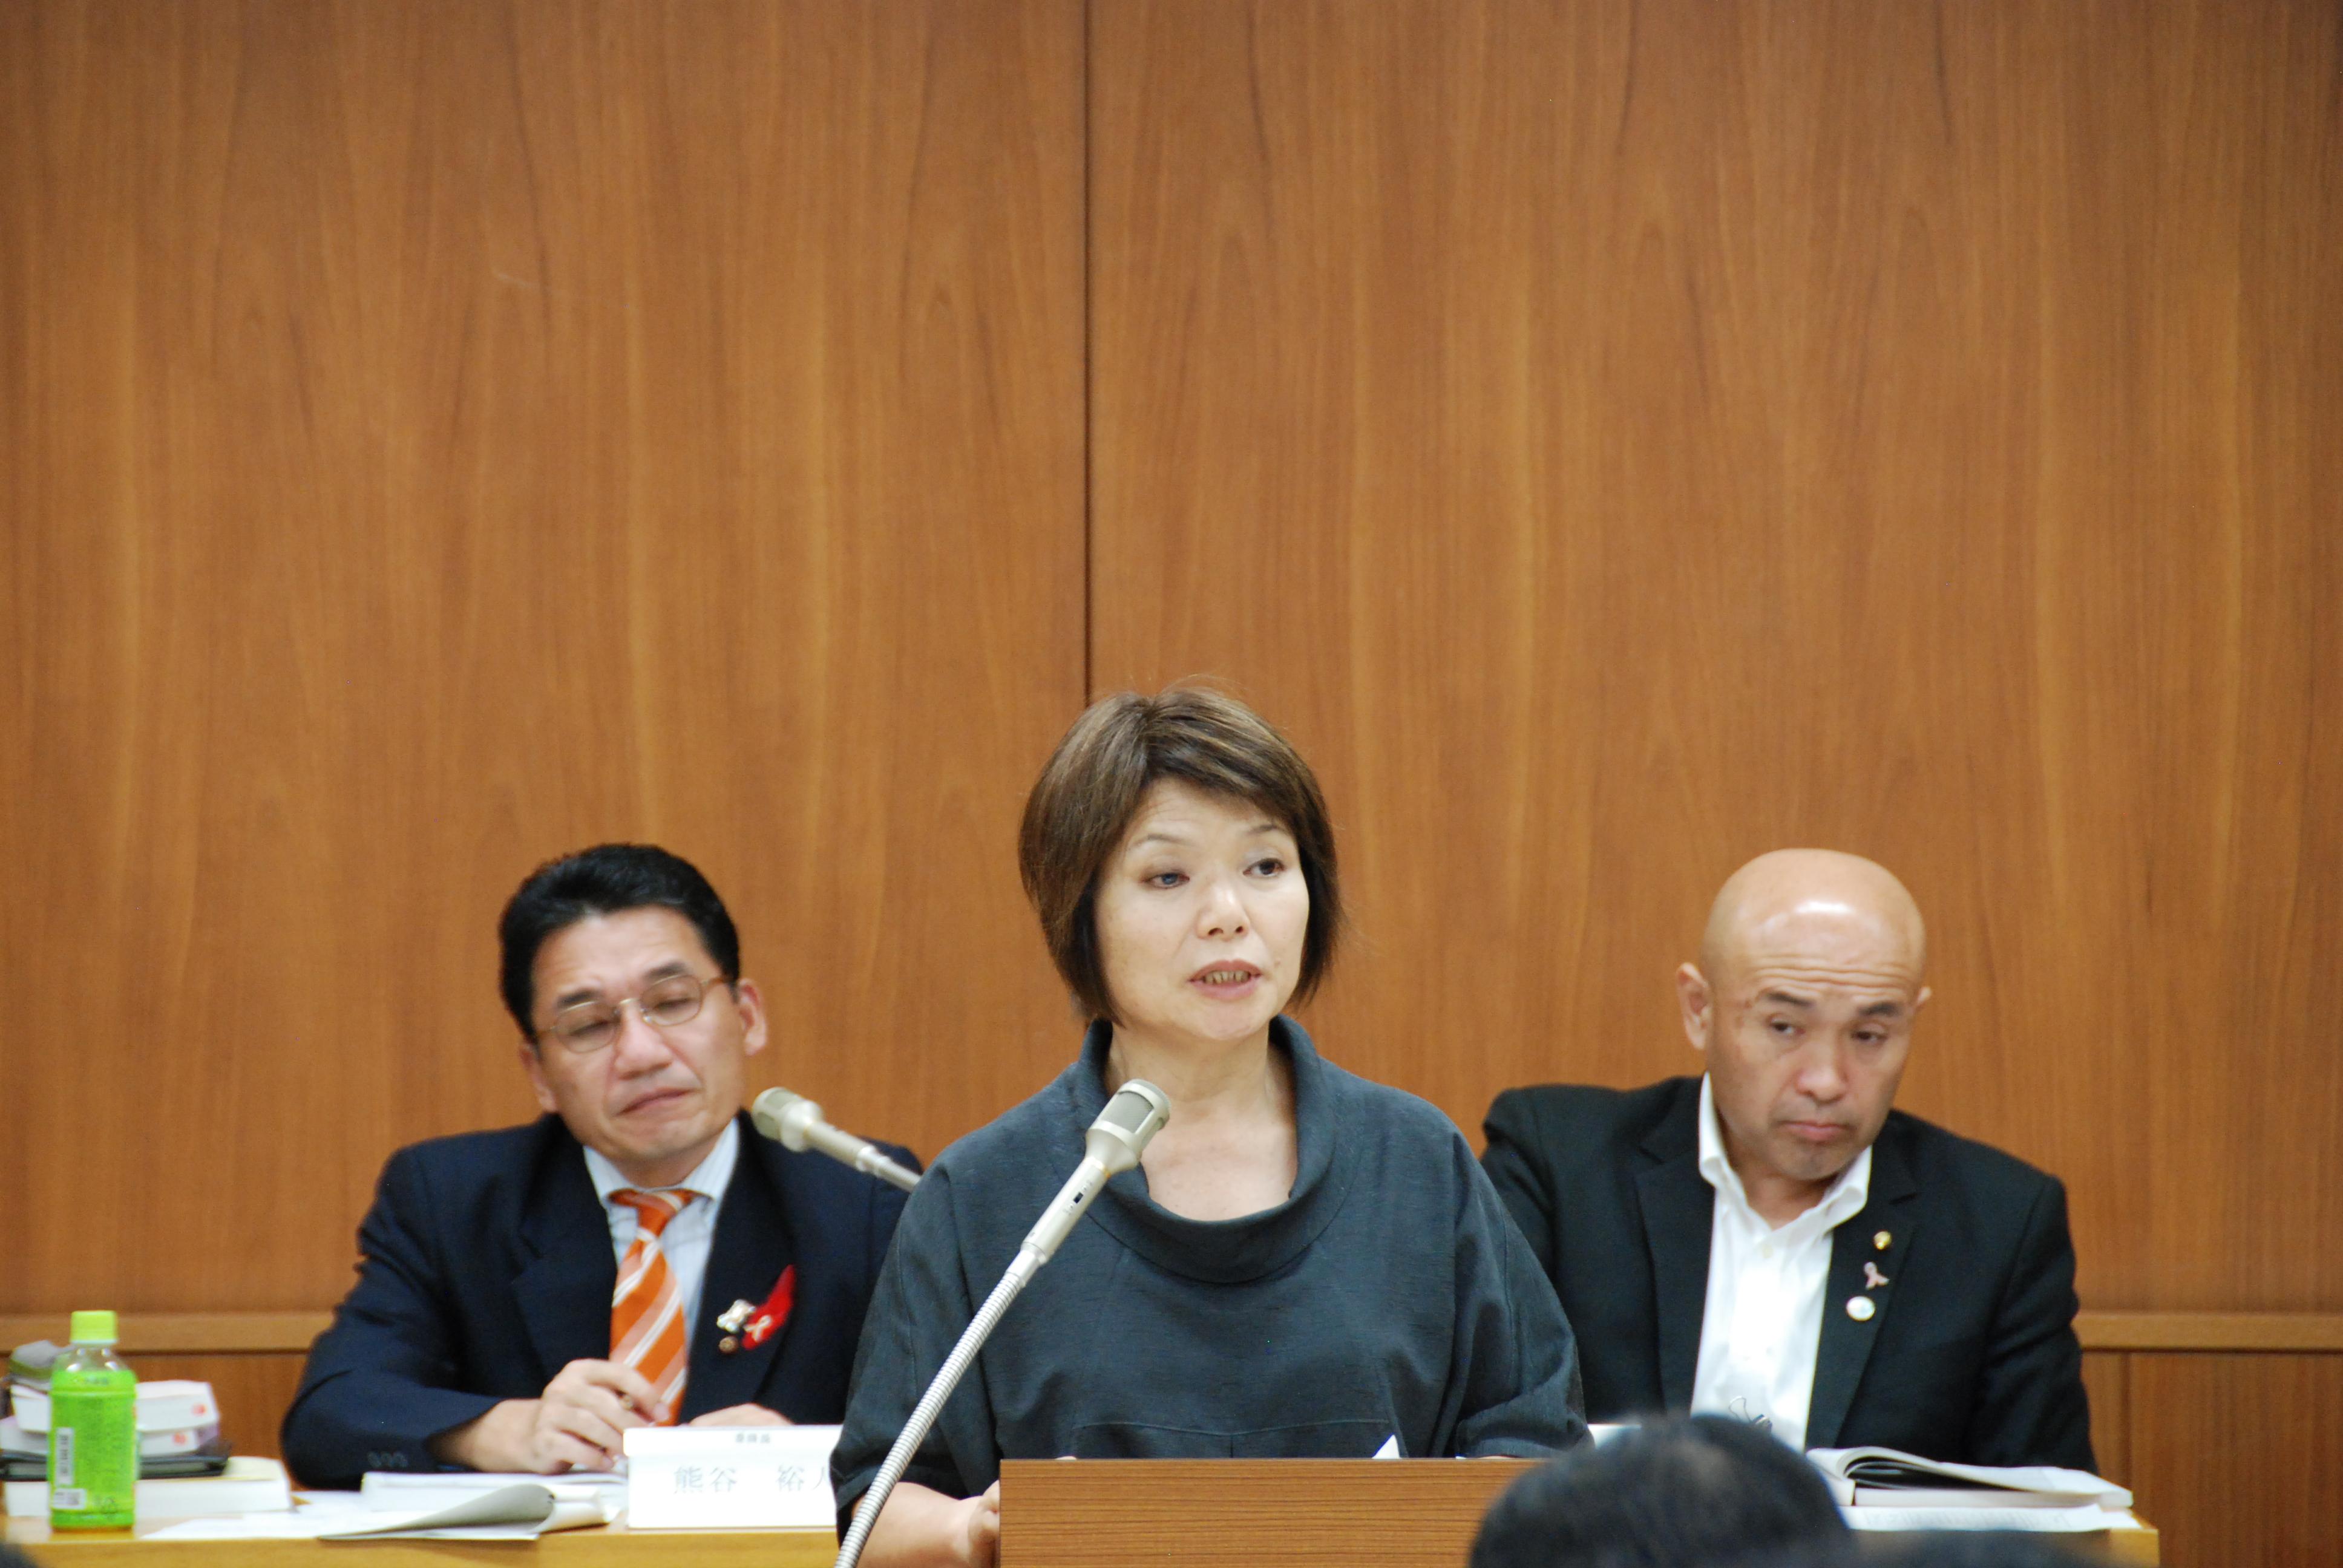 決算委員会にて、総合政策委員会関連の質疑をおこなう戸島よし子市議